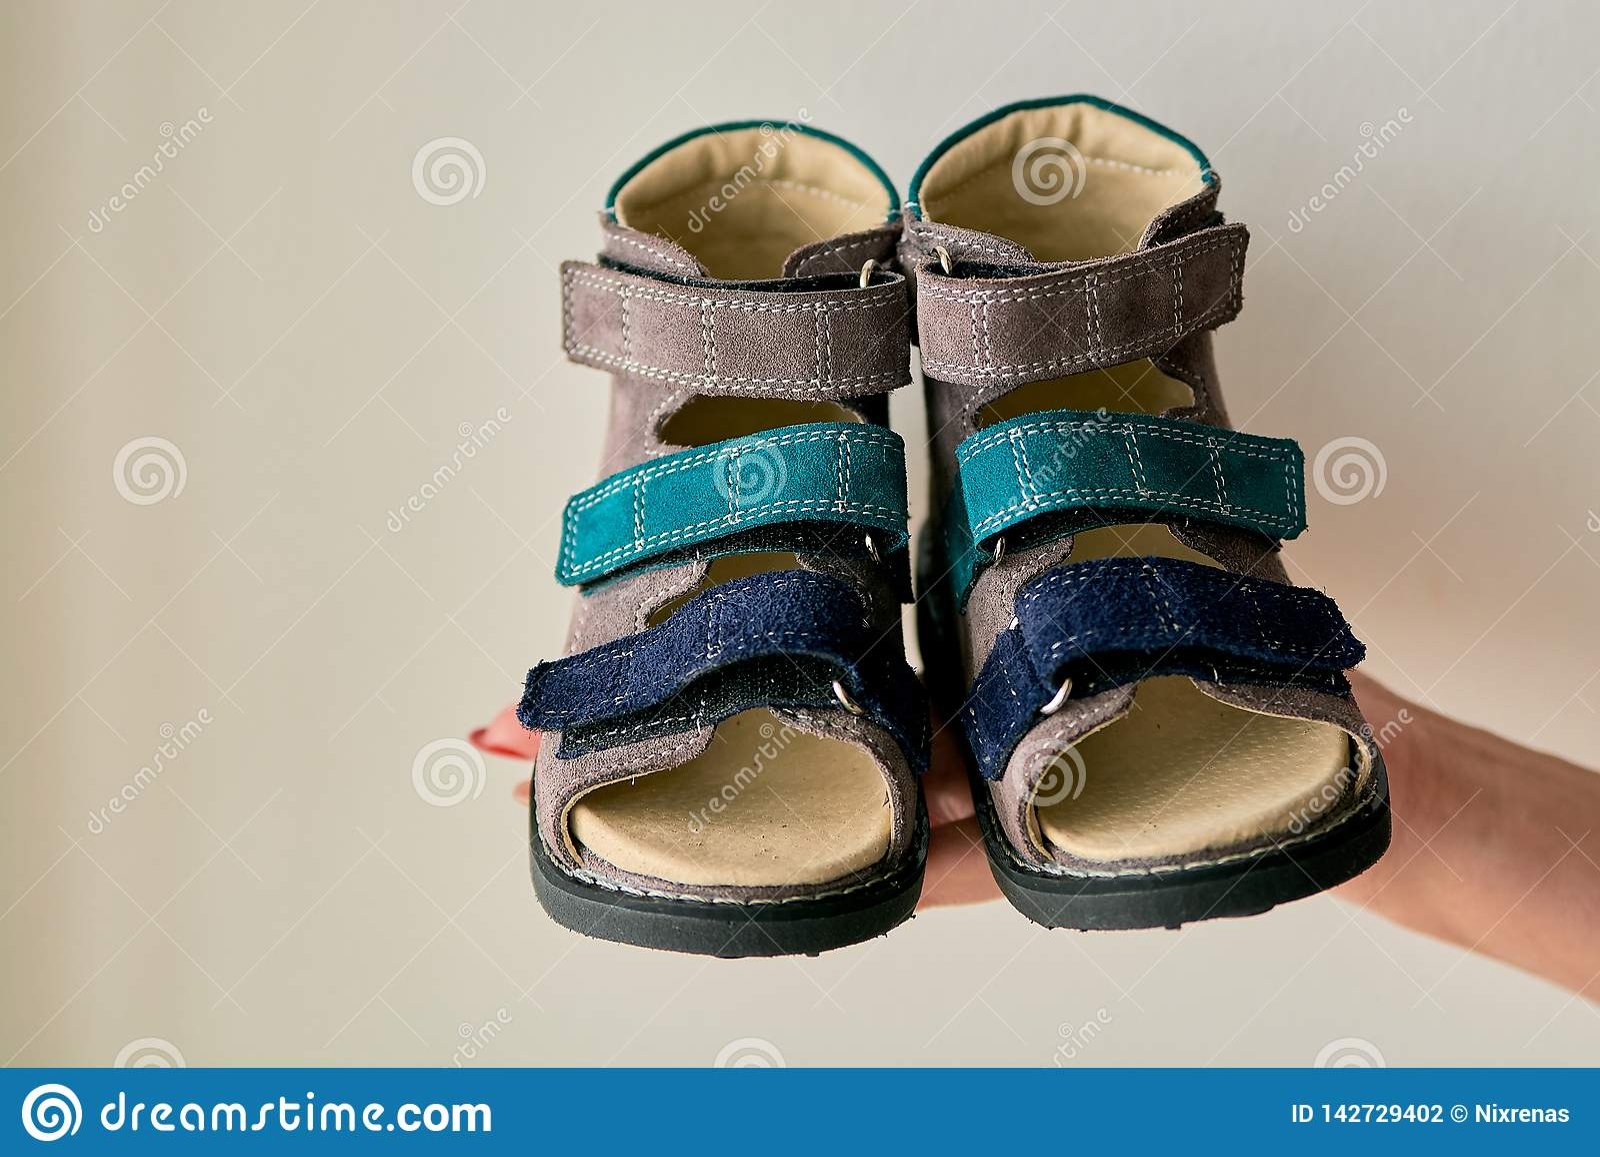 Het wijfje houdt close-up een orthopedische die de schoensandals van speciale kinderen van echt leer wordt gemaakt